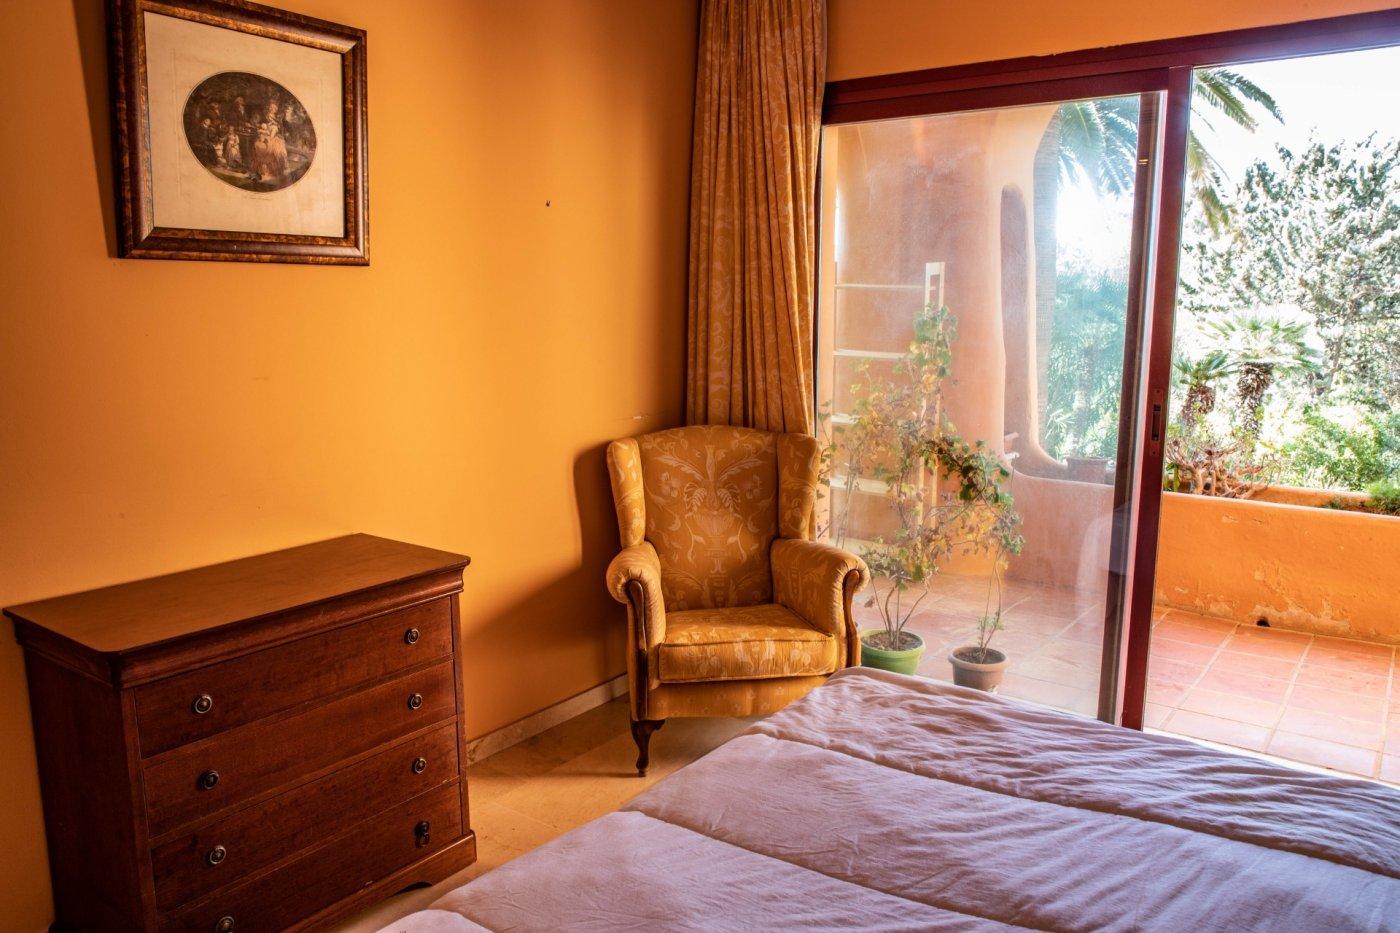 Oportunidad de comprar un precioso apartamento en santa ponsa a muy buen precio!! - imagenInmueble35